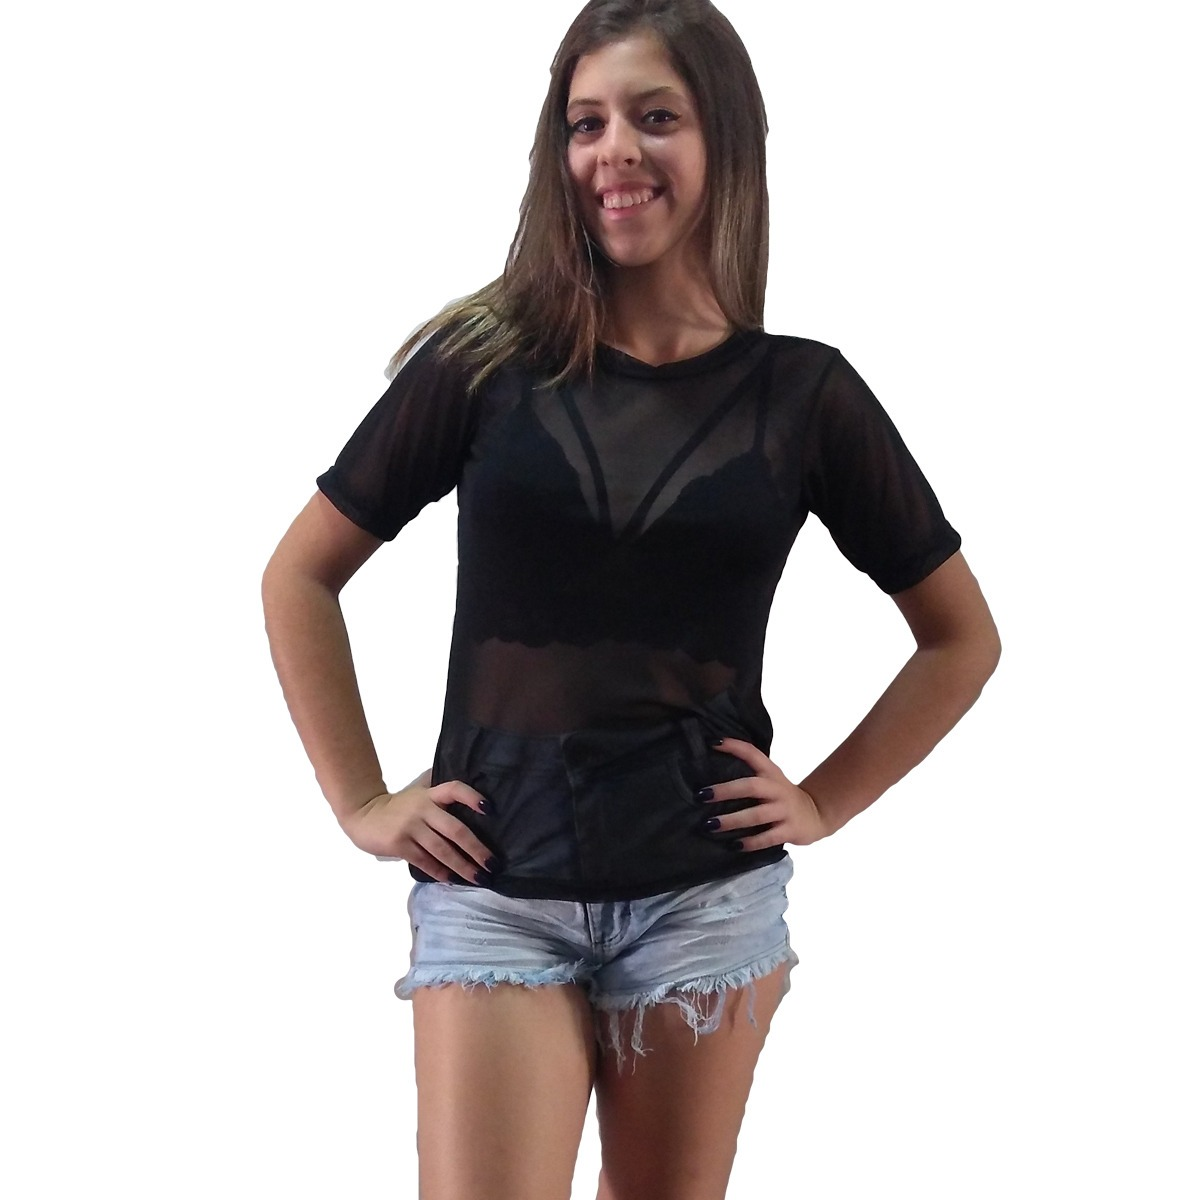 72190d3816 mercado livre  mercadolivre  comprar  blusas femininas  roupas femininas   atacado  ...